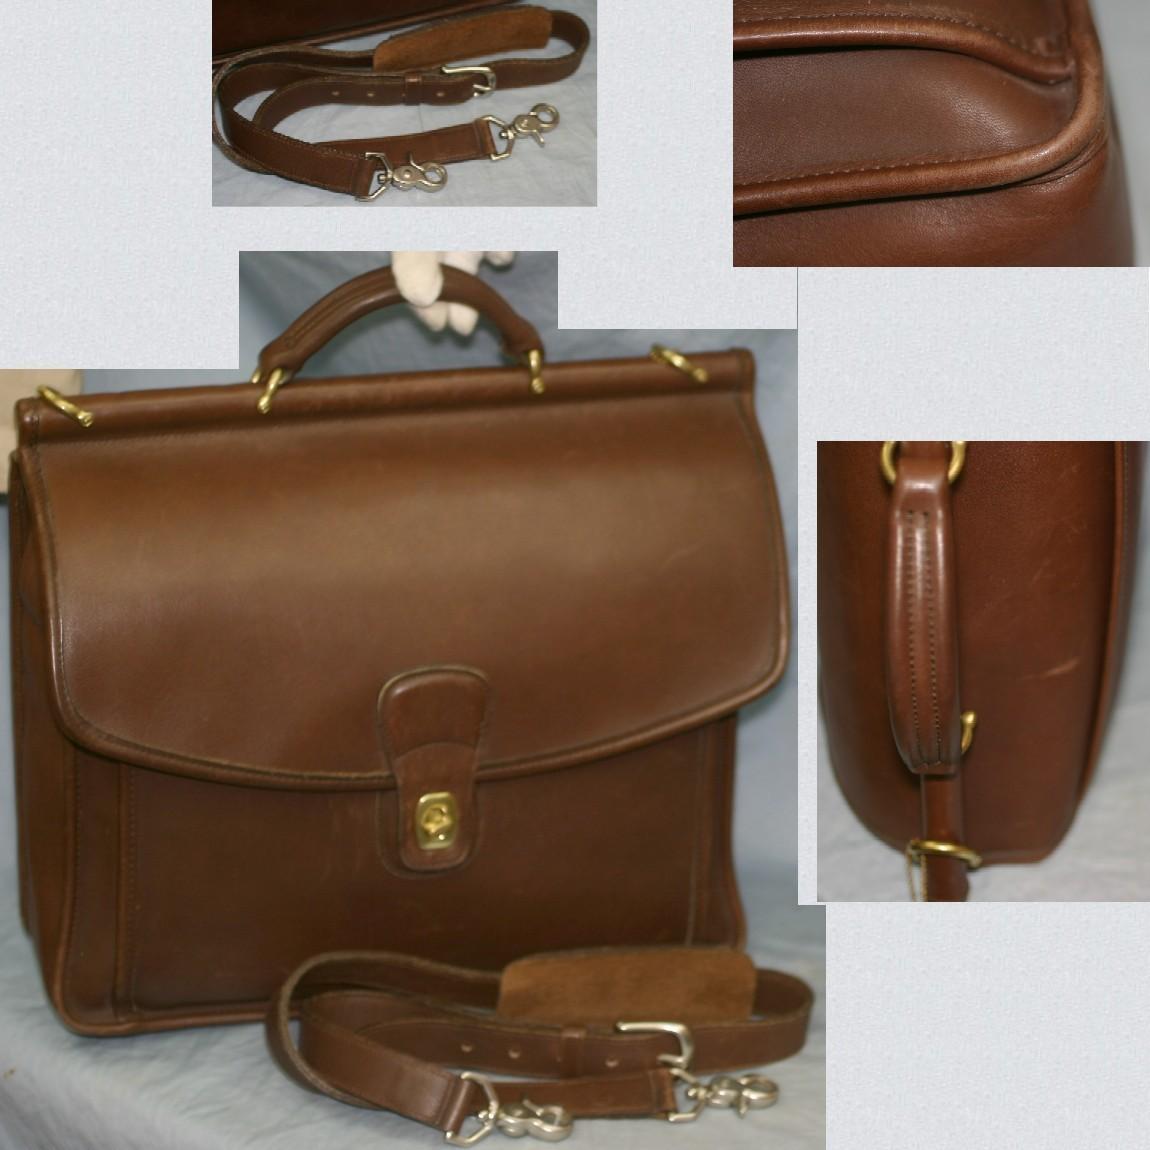 【中古】本物美品コーチ紳士用焦げ茶色柔らかい革取外し可能ショルダー付き書類鞄兼旅行鞄D8C-5299サイズW36H34D10cm